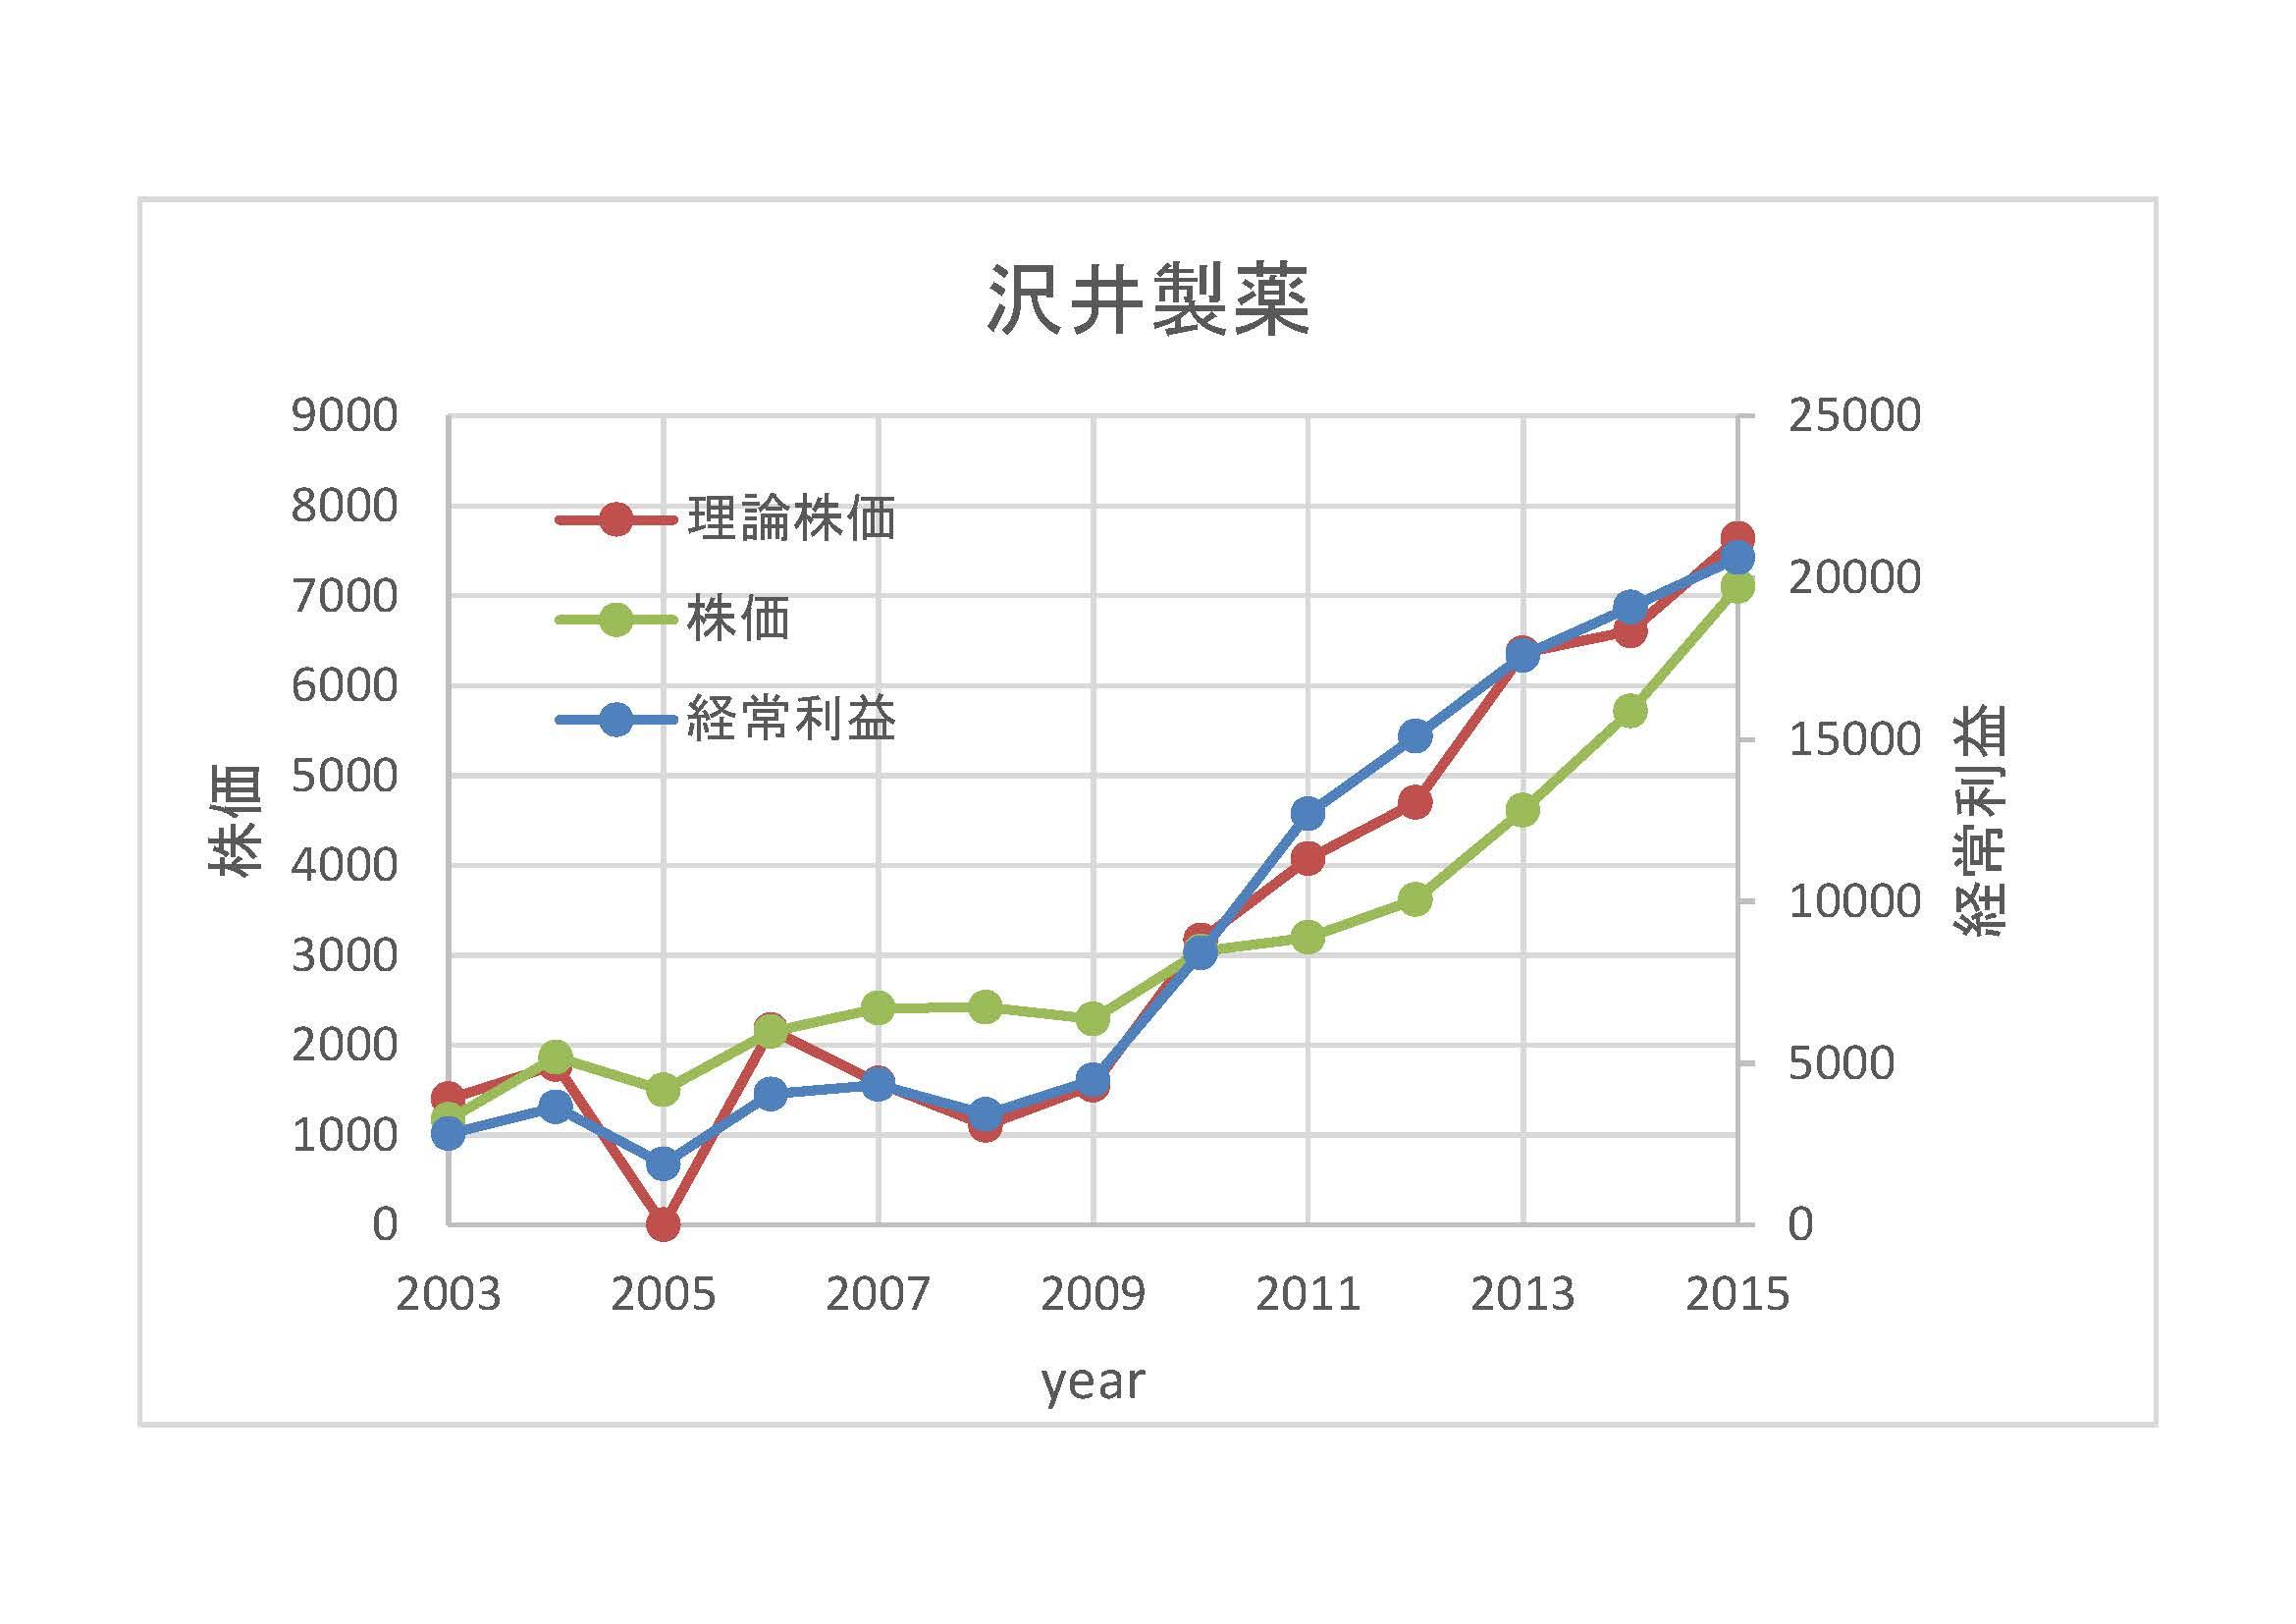 沢井製薬-理論株価